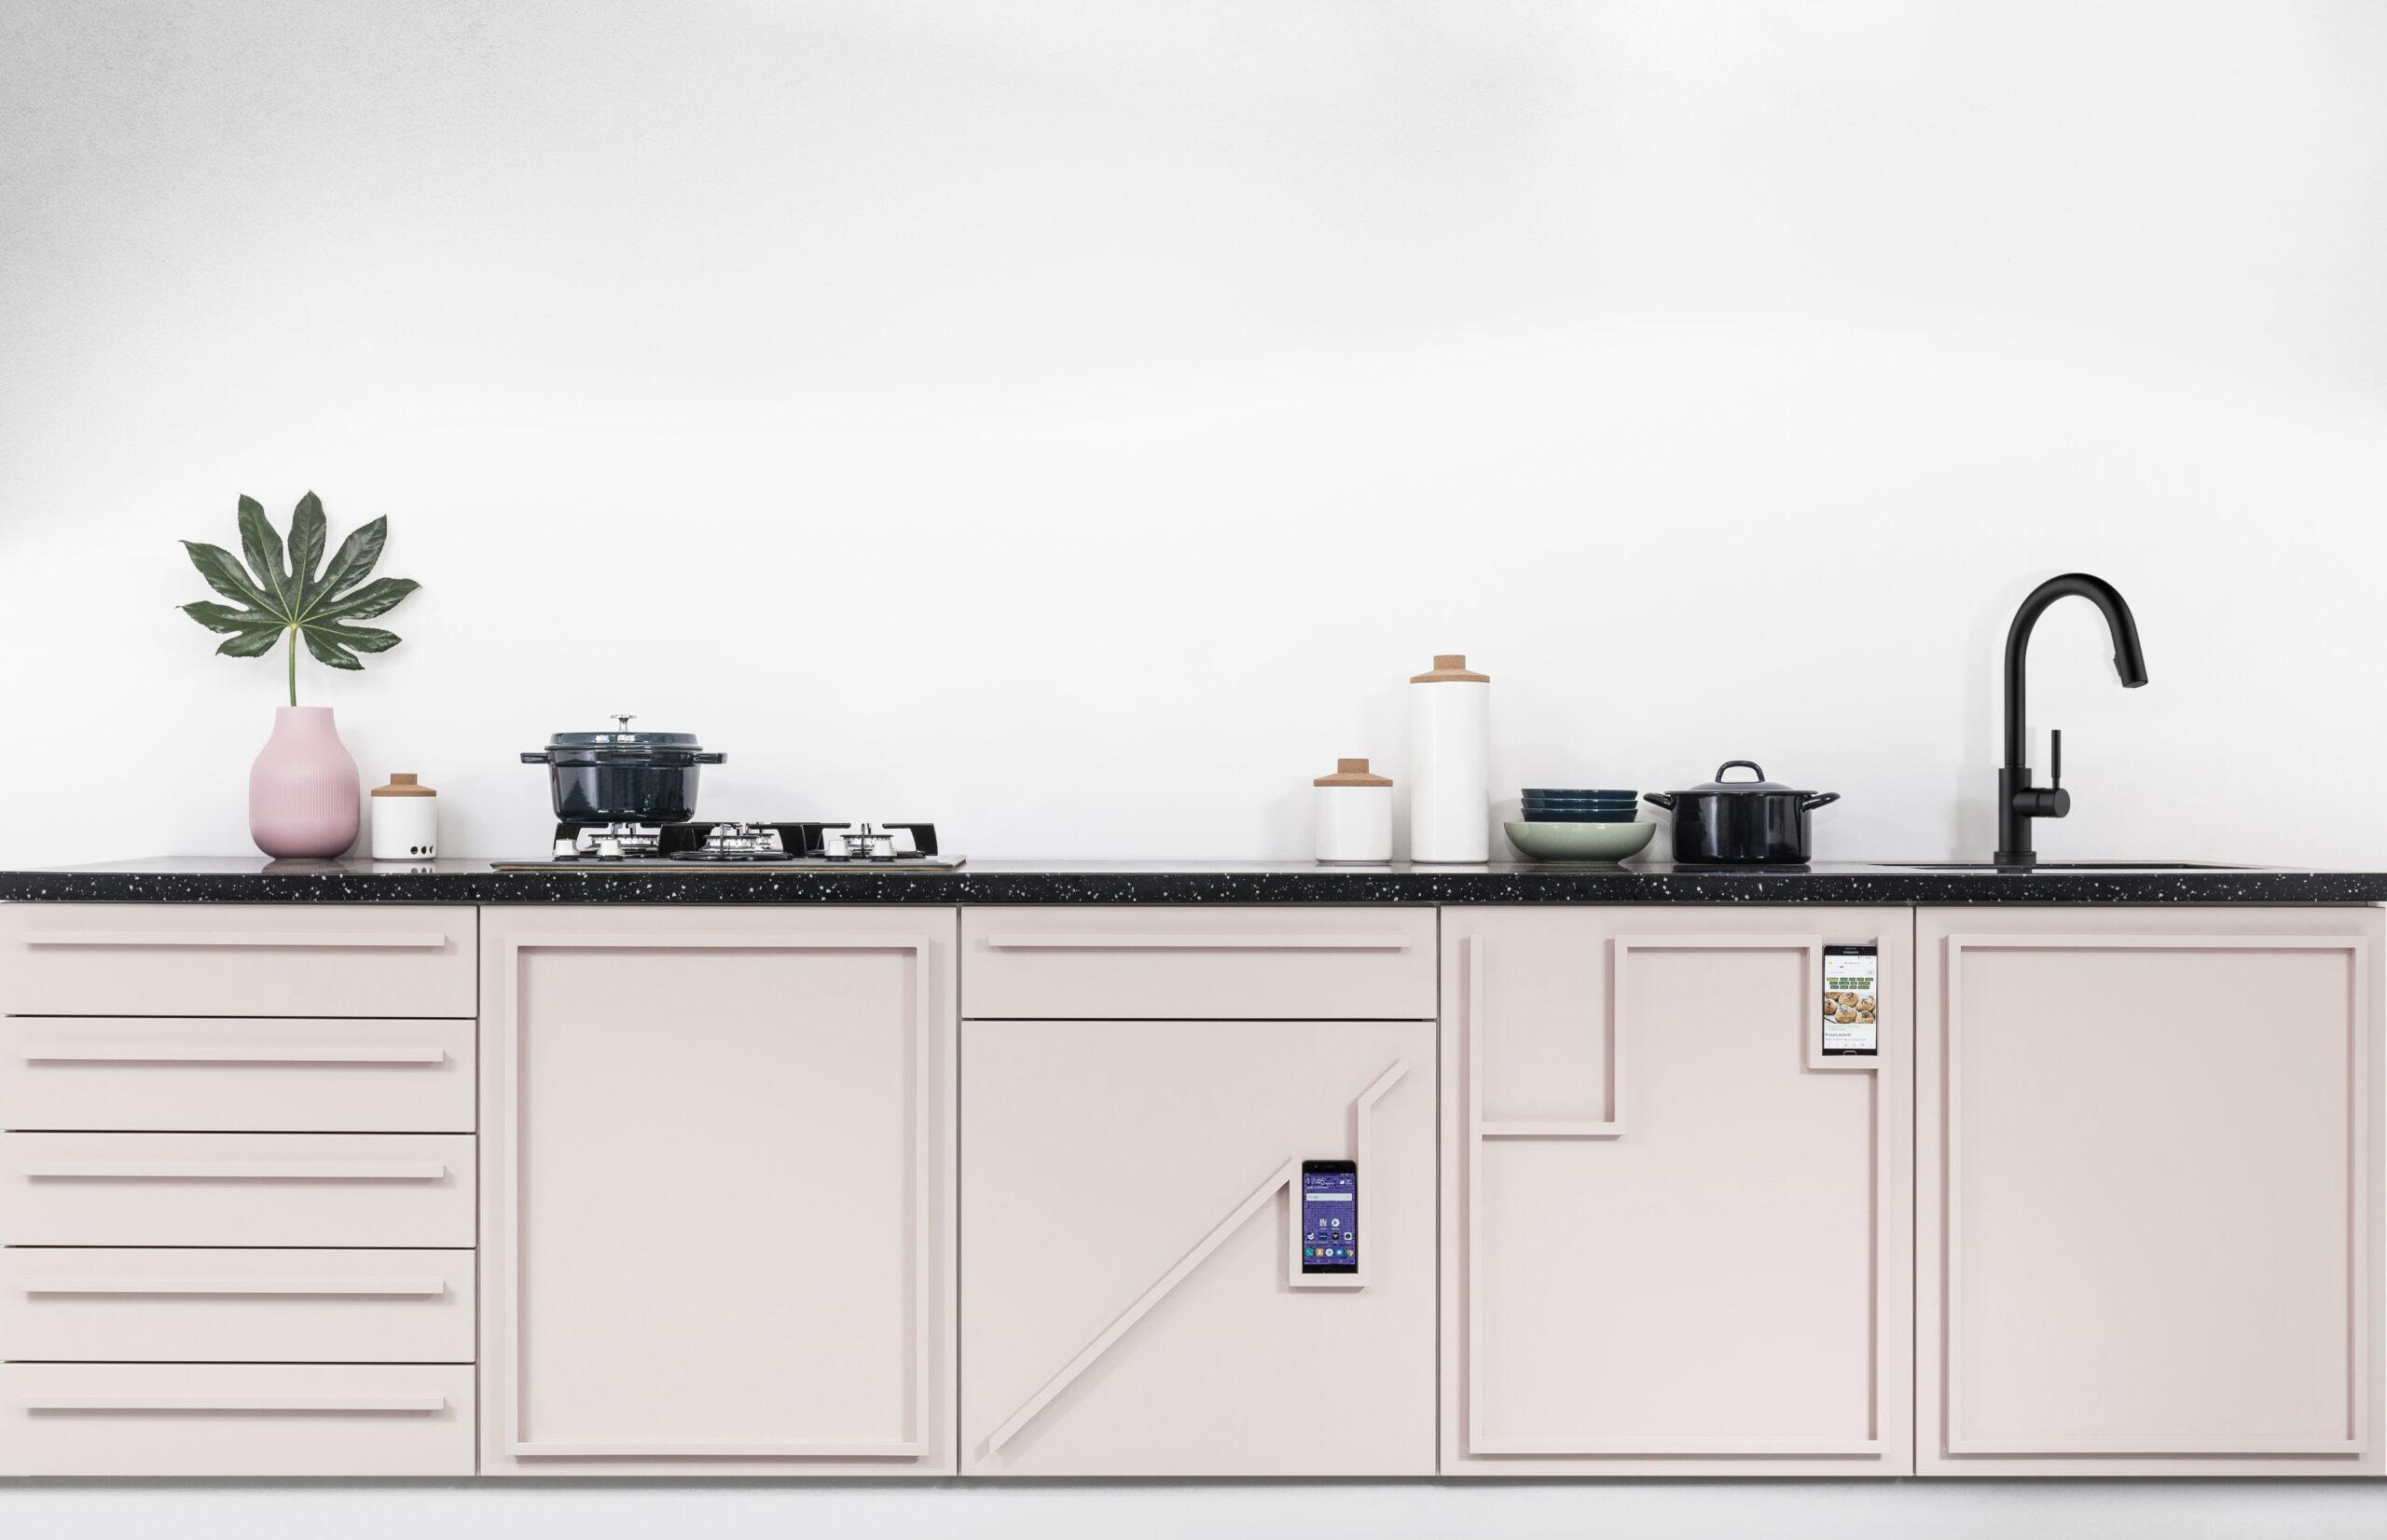 Polskie projektantki spersonalizowały kuchenne centrum dowodzenia